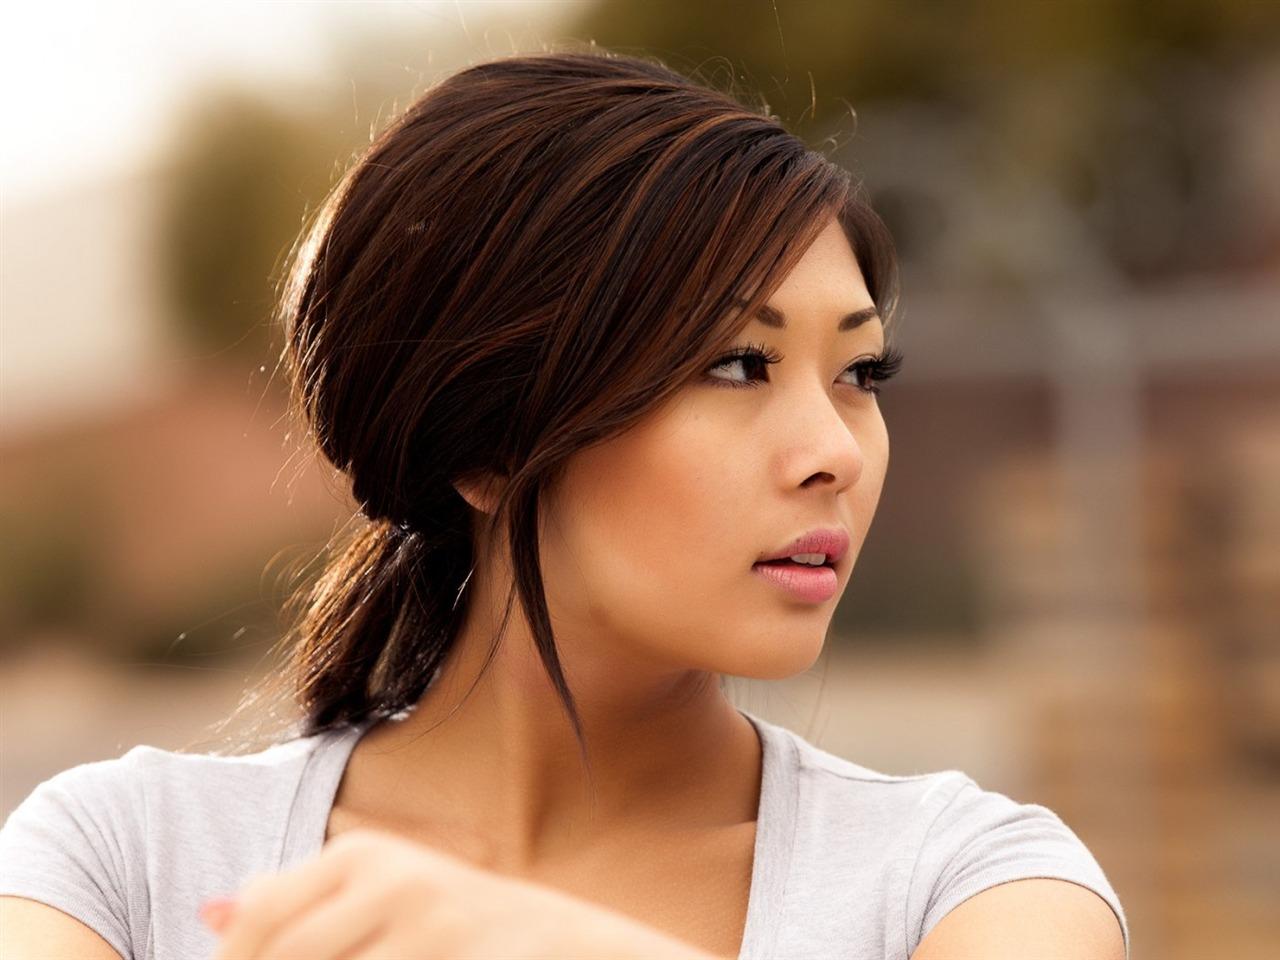 asian woman portrait-photo HD wallpaper-1280x960 Download